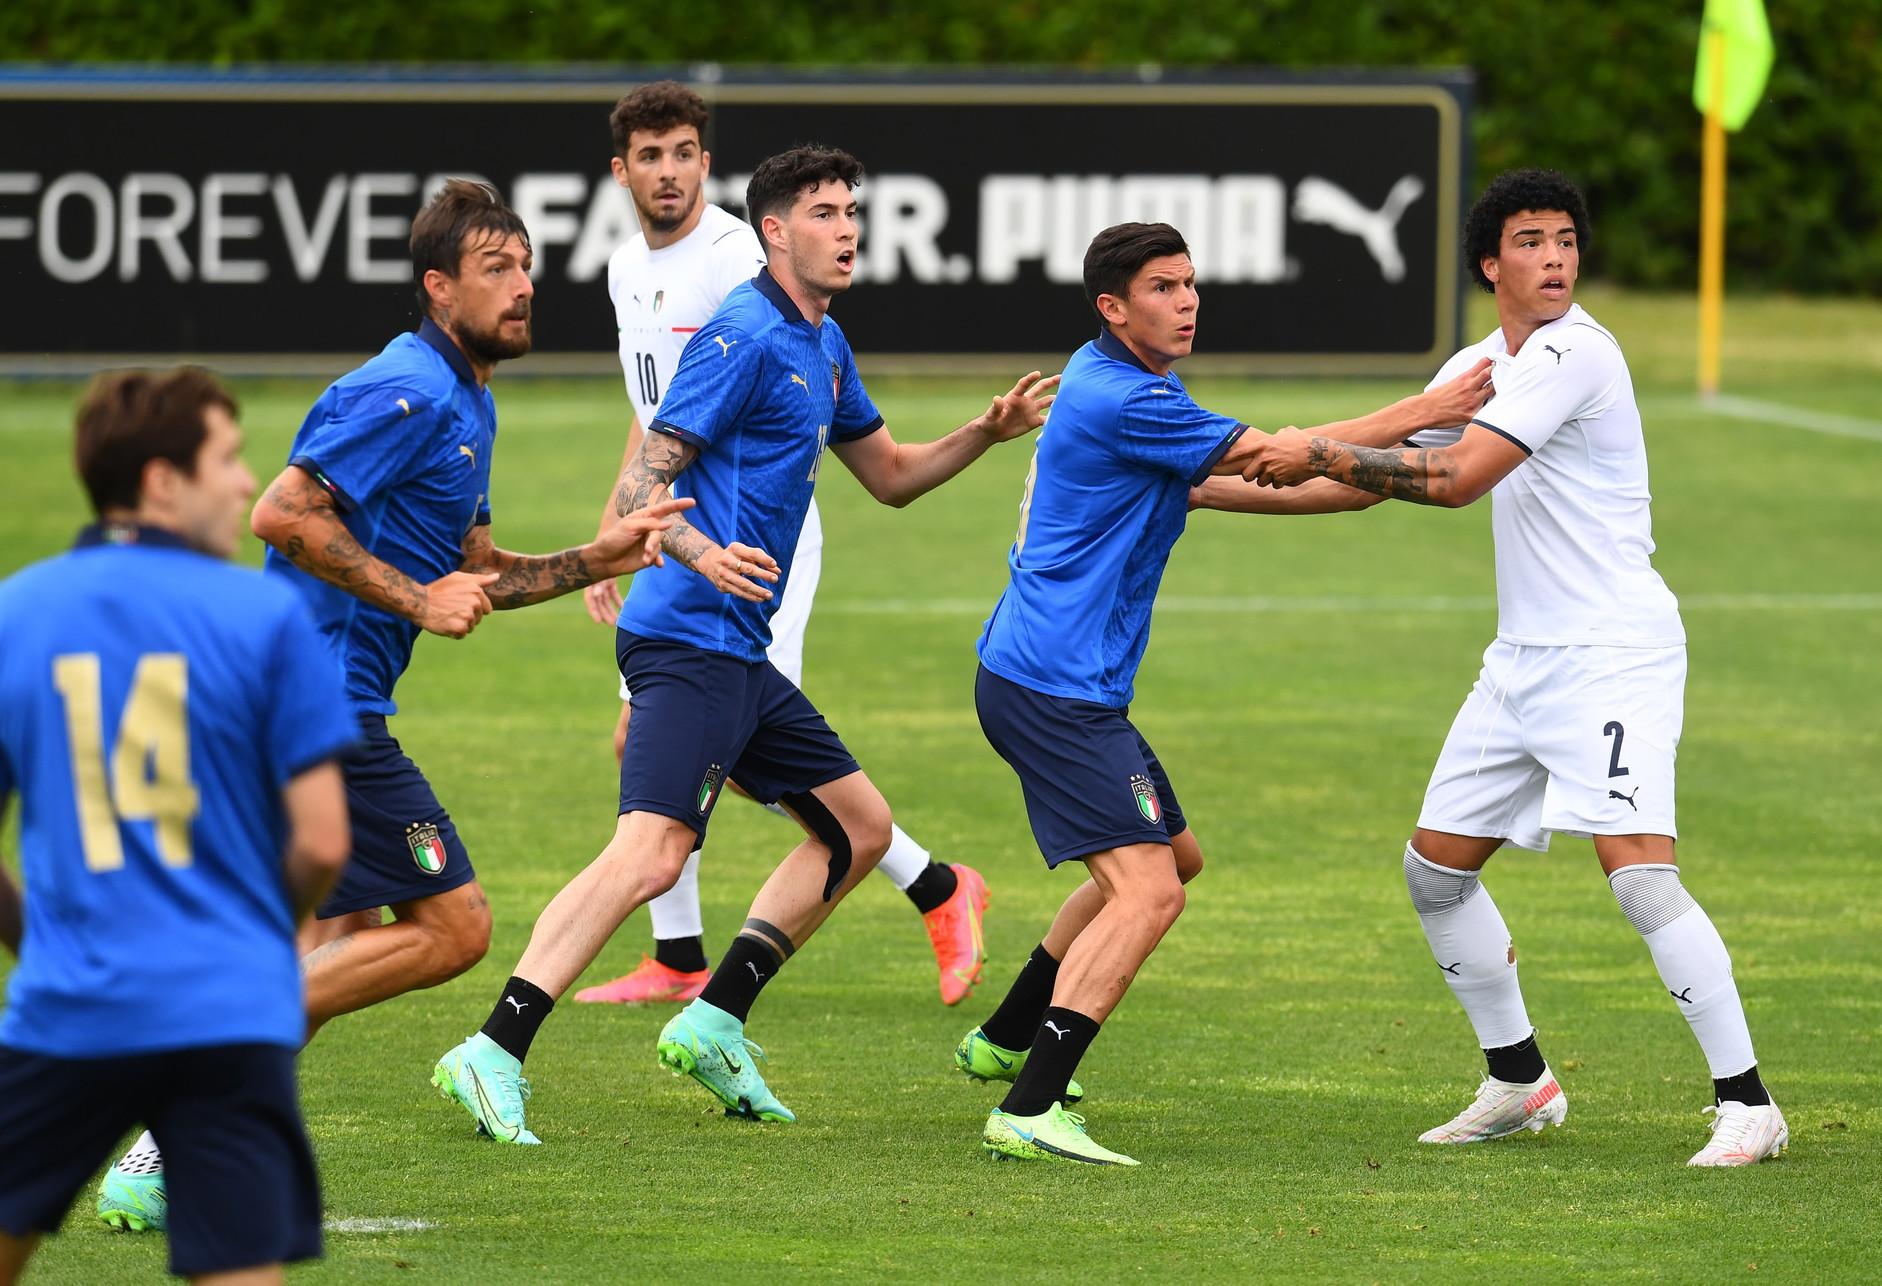 L&#39;Italia di Roberto Mancini ha perso 1-0 il test in famiglia con l&#39;Under20 di Roberto Bollini disputato a Coverciano su due tempi da 20 minuti. Decisivo il gol di Cangiano al 10&#39; del primo tempo. Nella ripresa annullata per fuorigioco una rete a Di Lorenzo. Il ct di Jesi ha schierato i giocatori non impiegati nell&#39;amichevole vinta 4-0 ieri a Bologna dagli azzurri contro la Repubblica Ceca<br /><br />